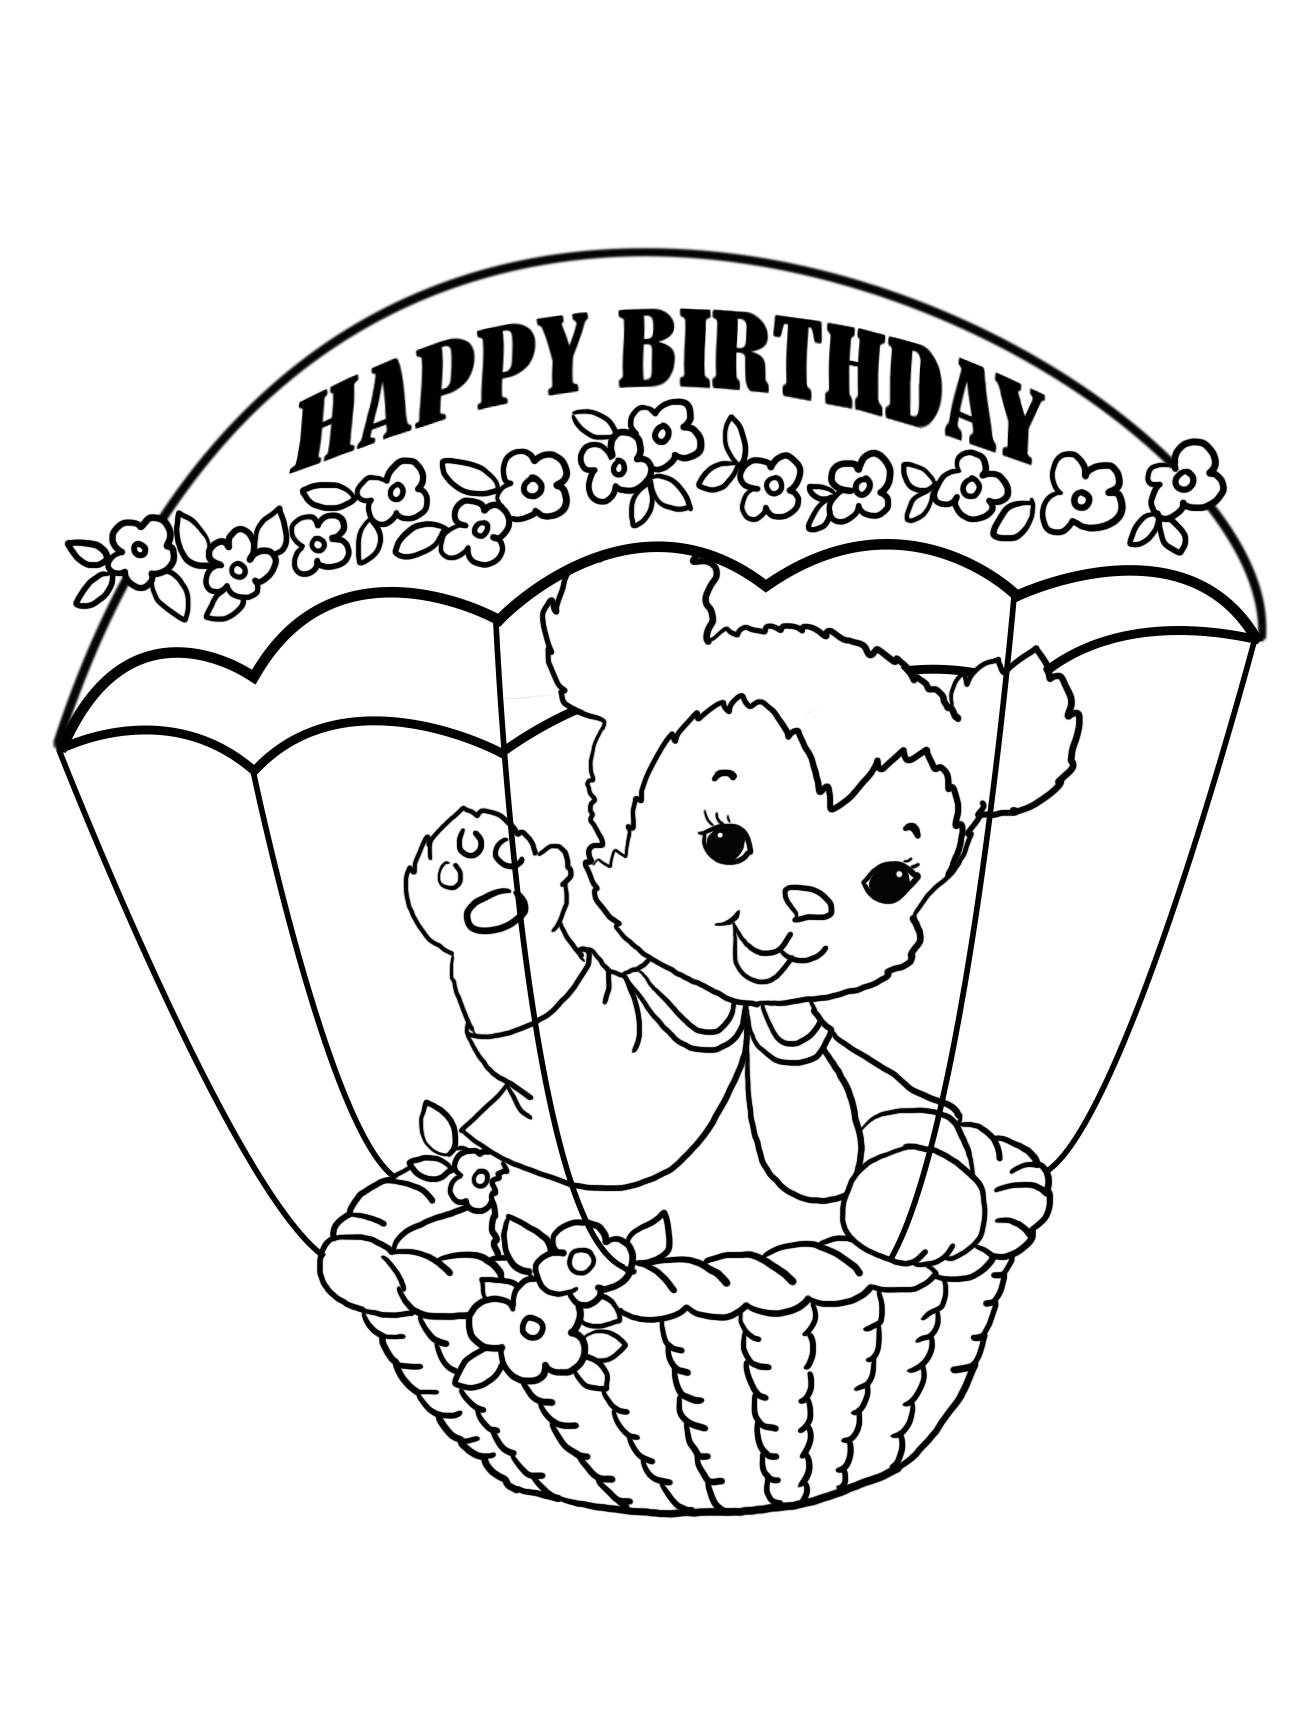 birthday coloring teddy bear in balloon